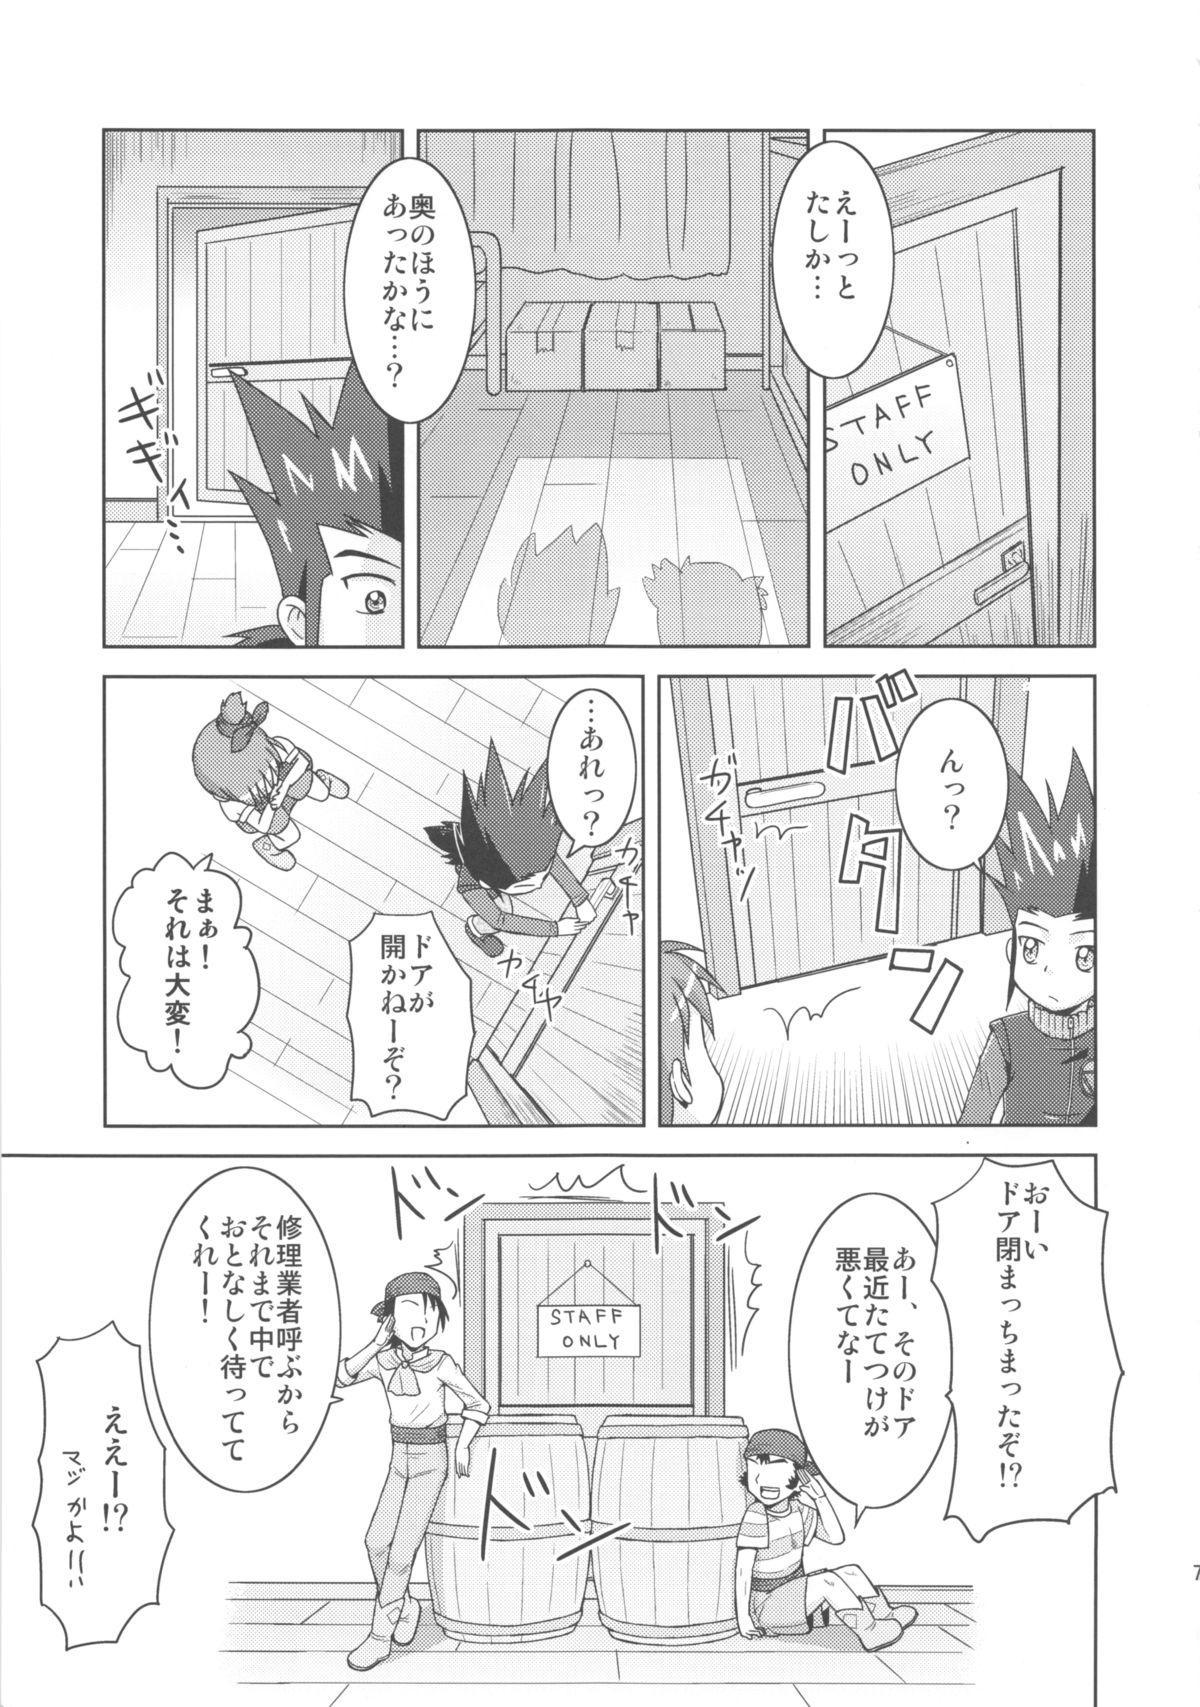 (Puniket 27) [Tori no Ya (Mashikodori)] Kamui-kun to Nagisa-chan to. (Cardfight!! Vanguard) 6